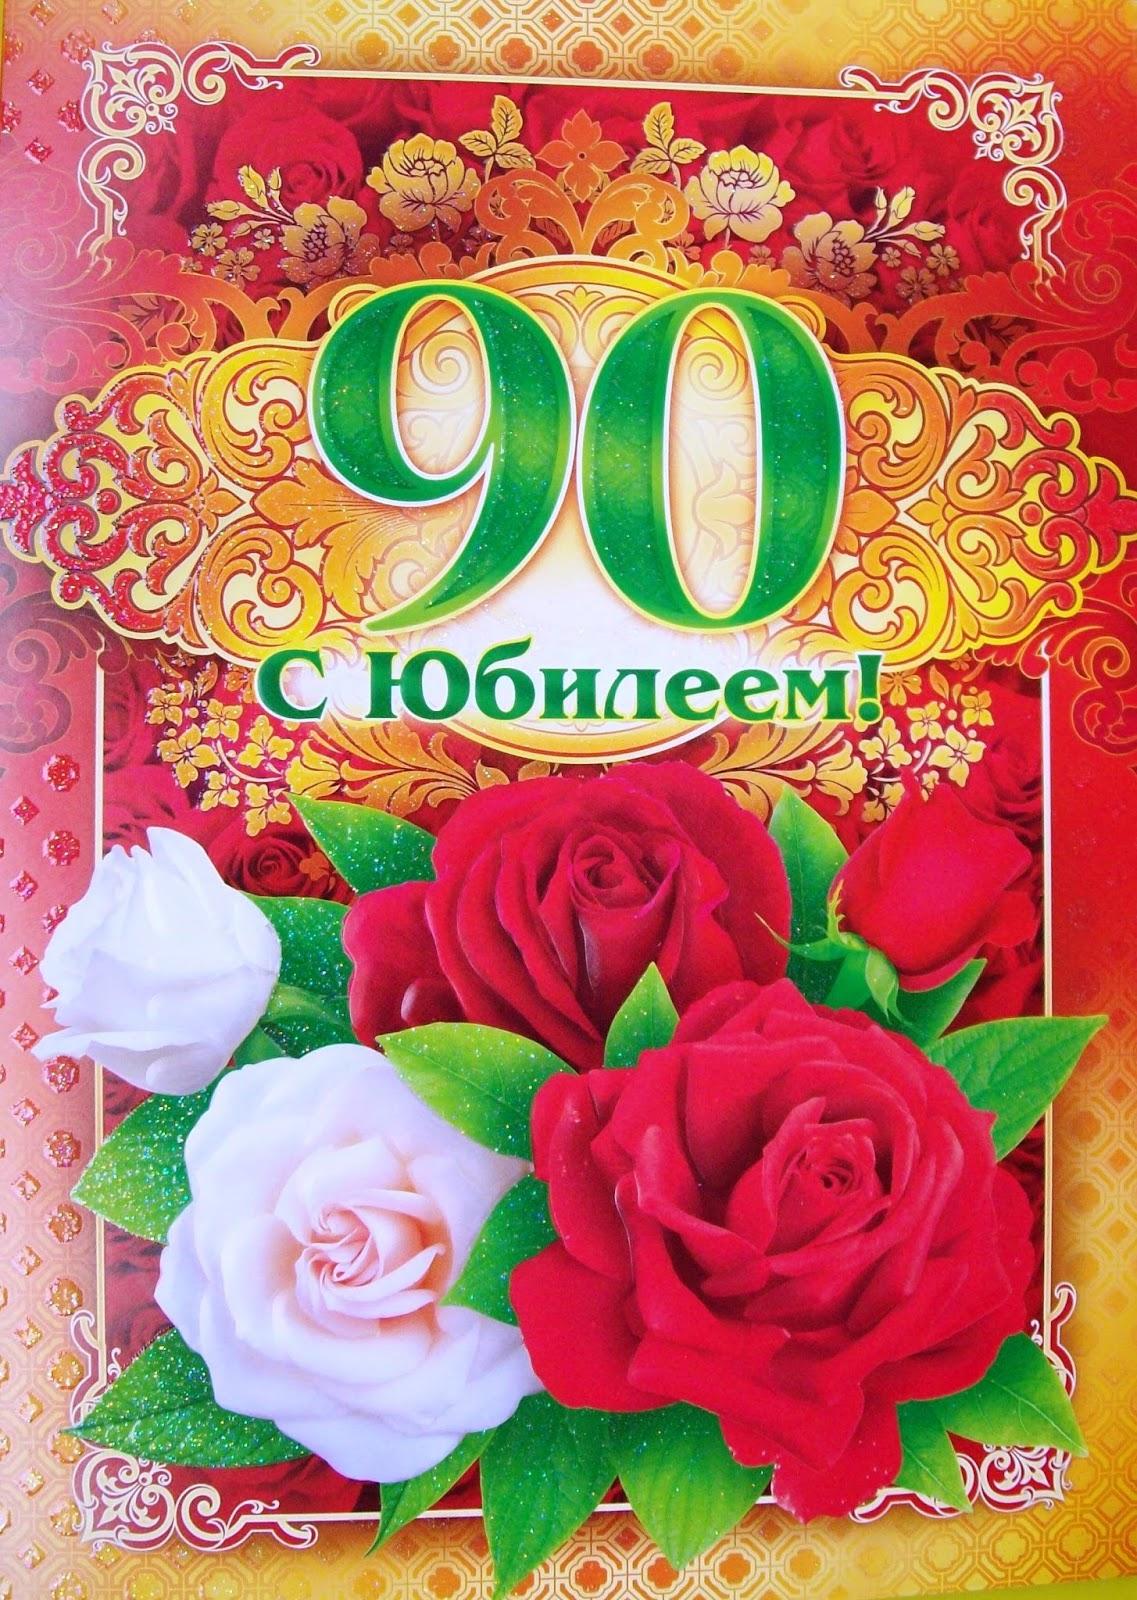 Шуточное поздравление с 90 лет